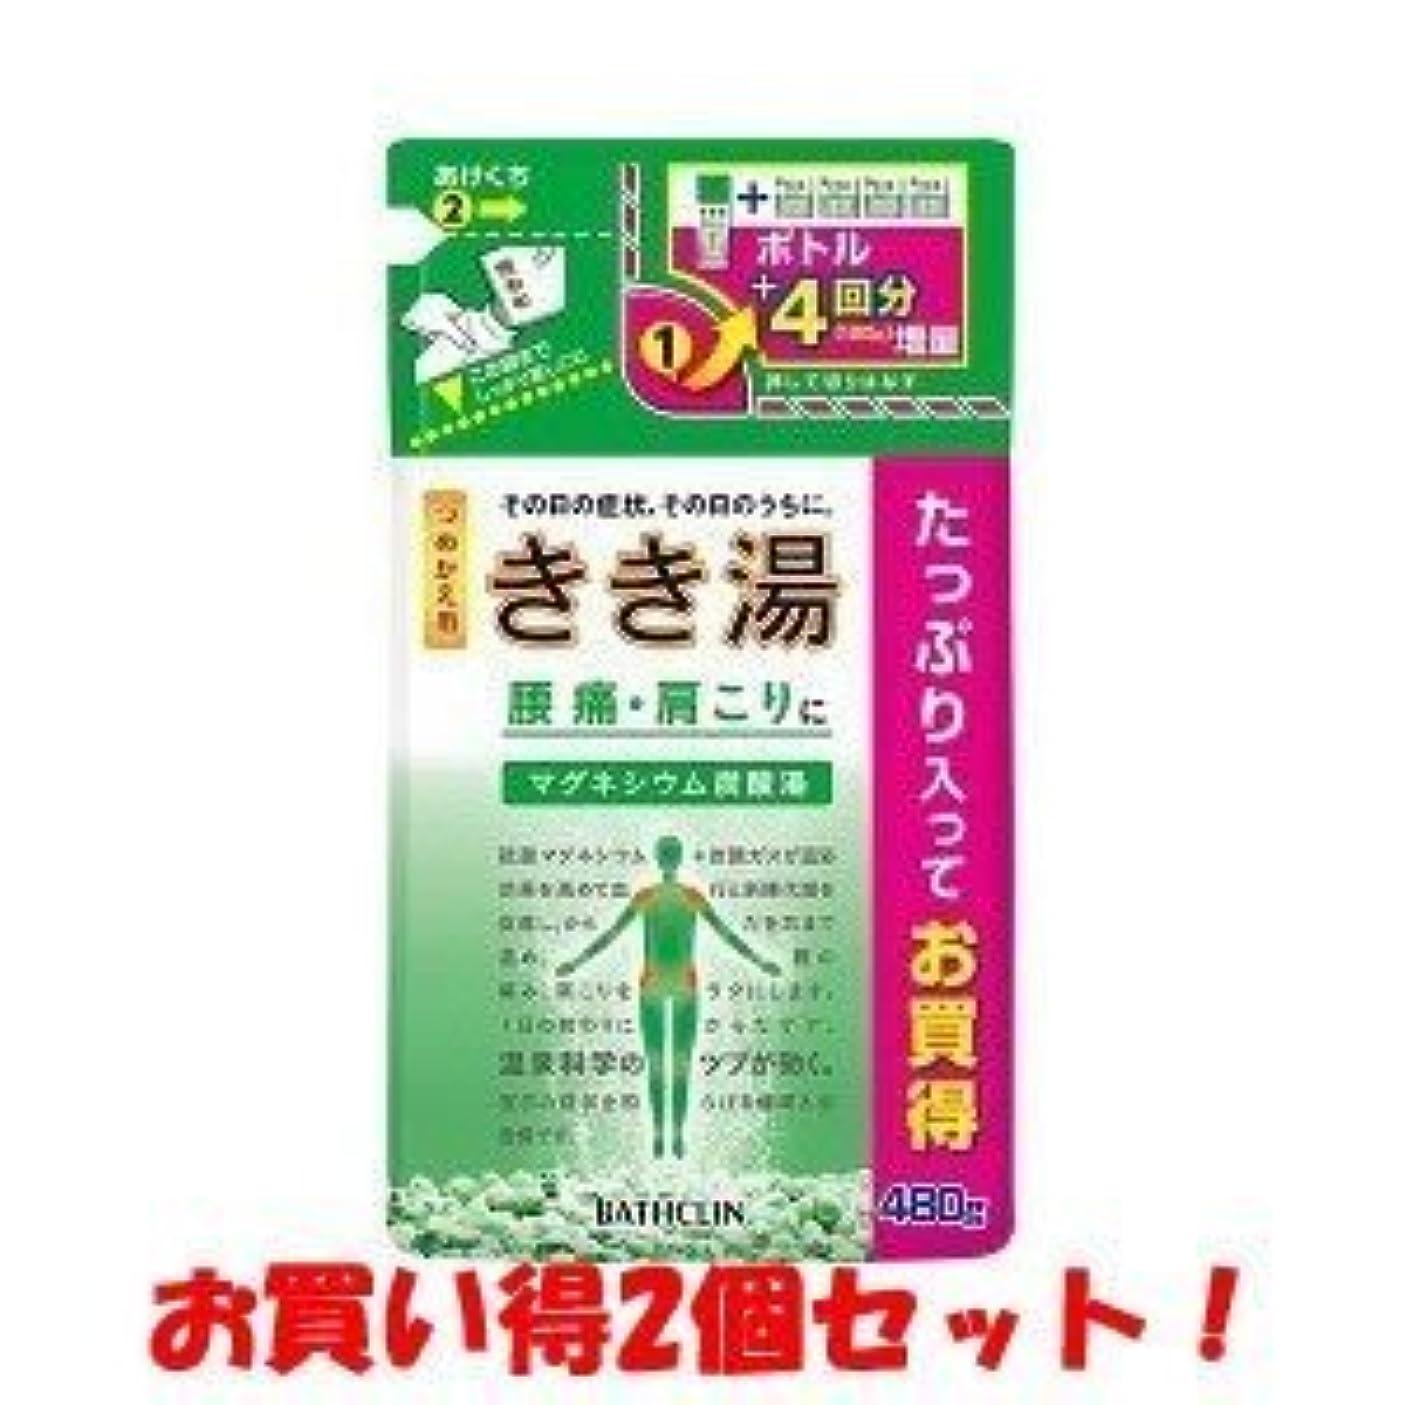 ピュー発掘する日付(バスクリン)きき湯 マグネシウム炭酸湯 つめかえ用 480g(医薬部外品)(お買い得2個セット)